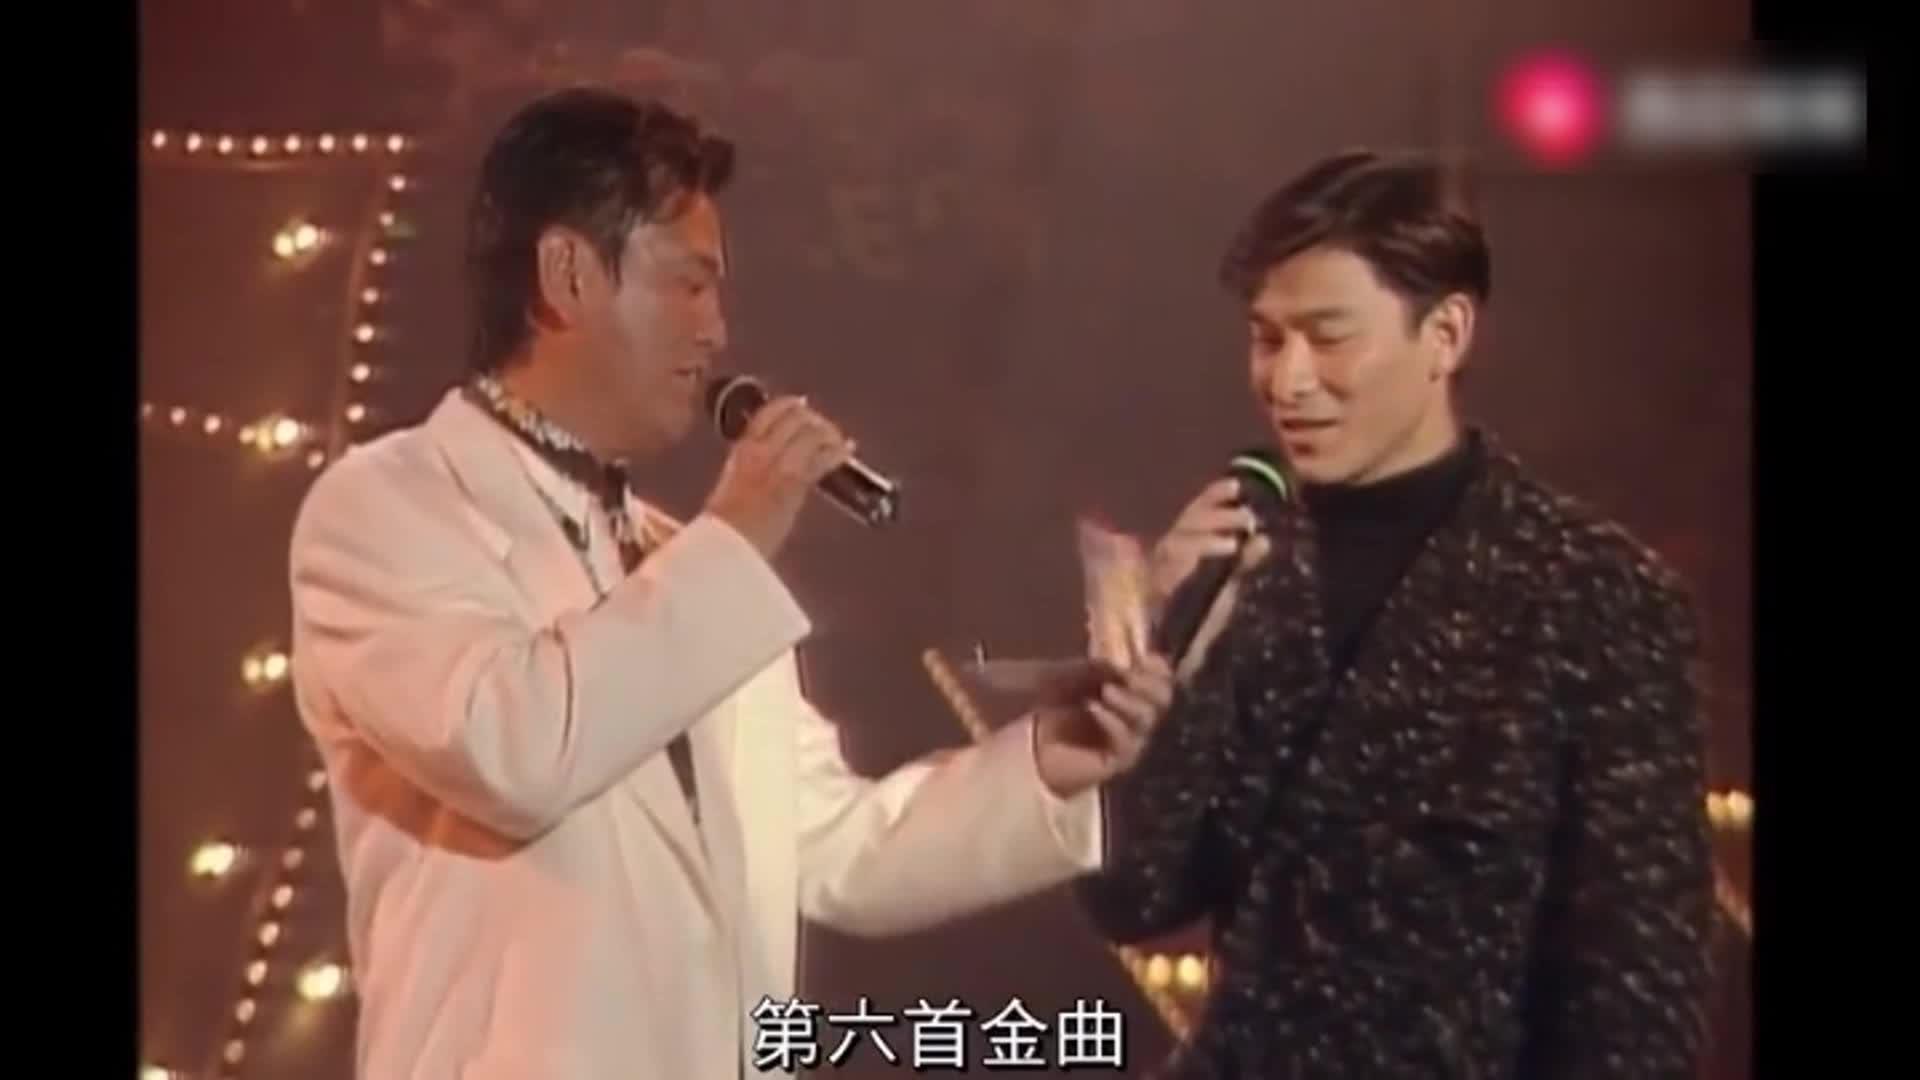 关之琳颁奖,直接把奖杯给了刘德华,看把华仔乐的!